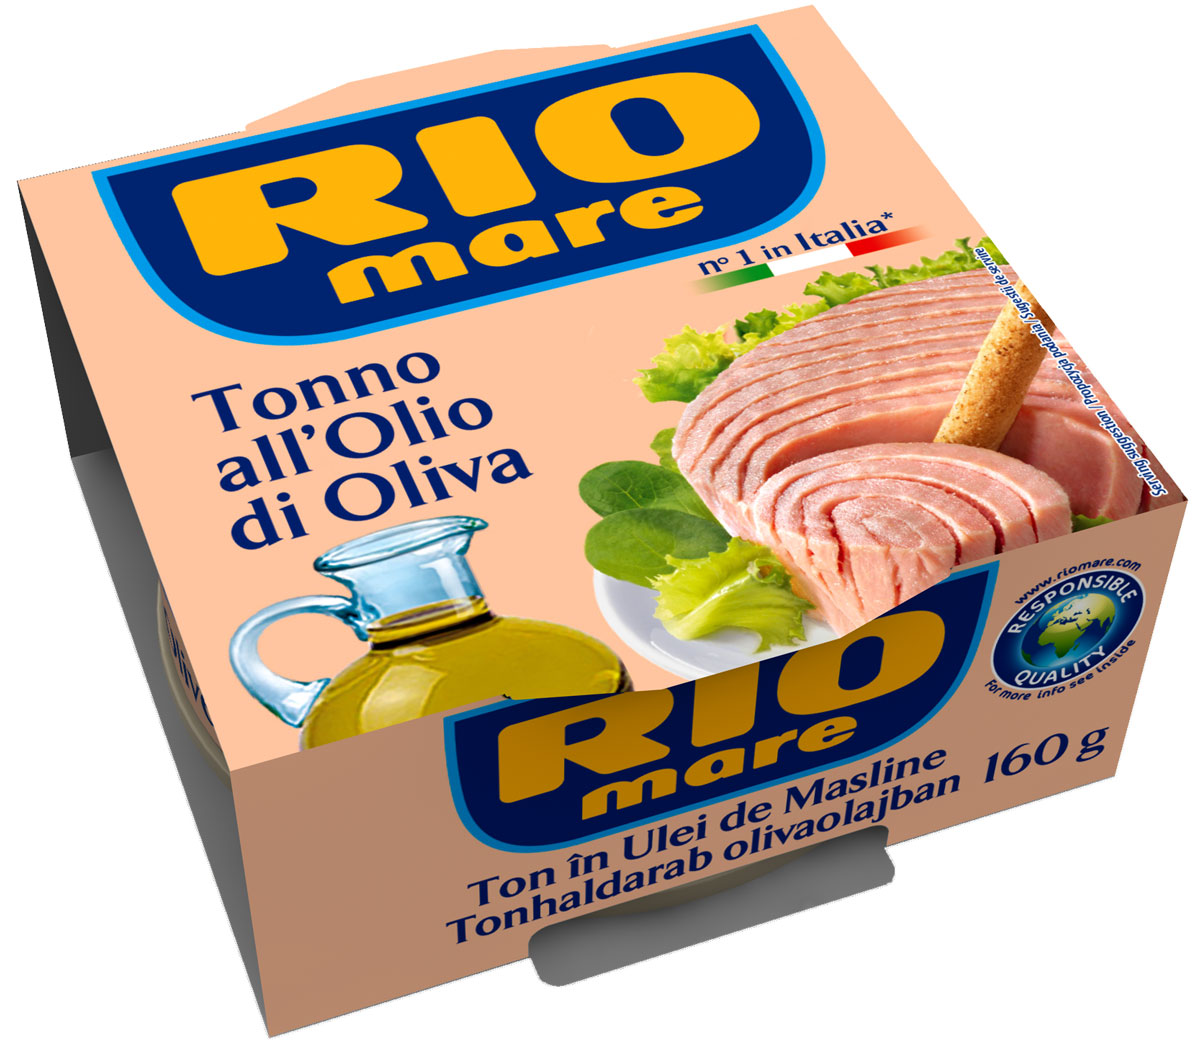 Rio Mare тунец в оливковом масле, 160 г0120710Тунец в оливковом масле всегда был самым популярным консервированным продуктом в Италии. Уникальный, ни с чем не сравнимый вкус тунца Rio Mare, обладающего розовым цветом и неизменным качеством. Высокое качество продукта обеспечивается за счет соблюдения строгого контроля и тщательного выполнения процессов обработки; тунец упаковывается в банки с добавлением только качественного оливкового масла и небольшого количества морской соли. Продукт идеален для приготовления различных блюд, от закусок до салатов из свежих овощей и питательных салатов.